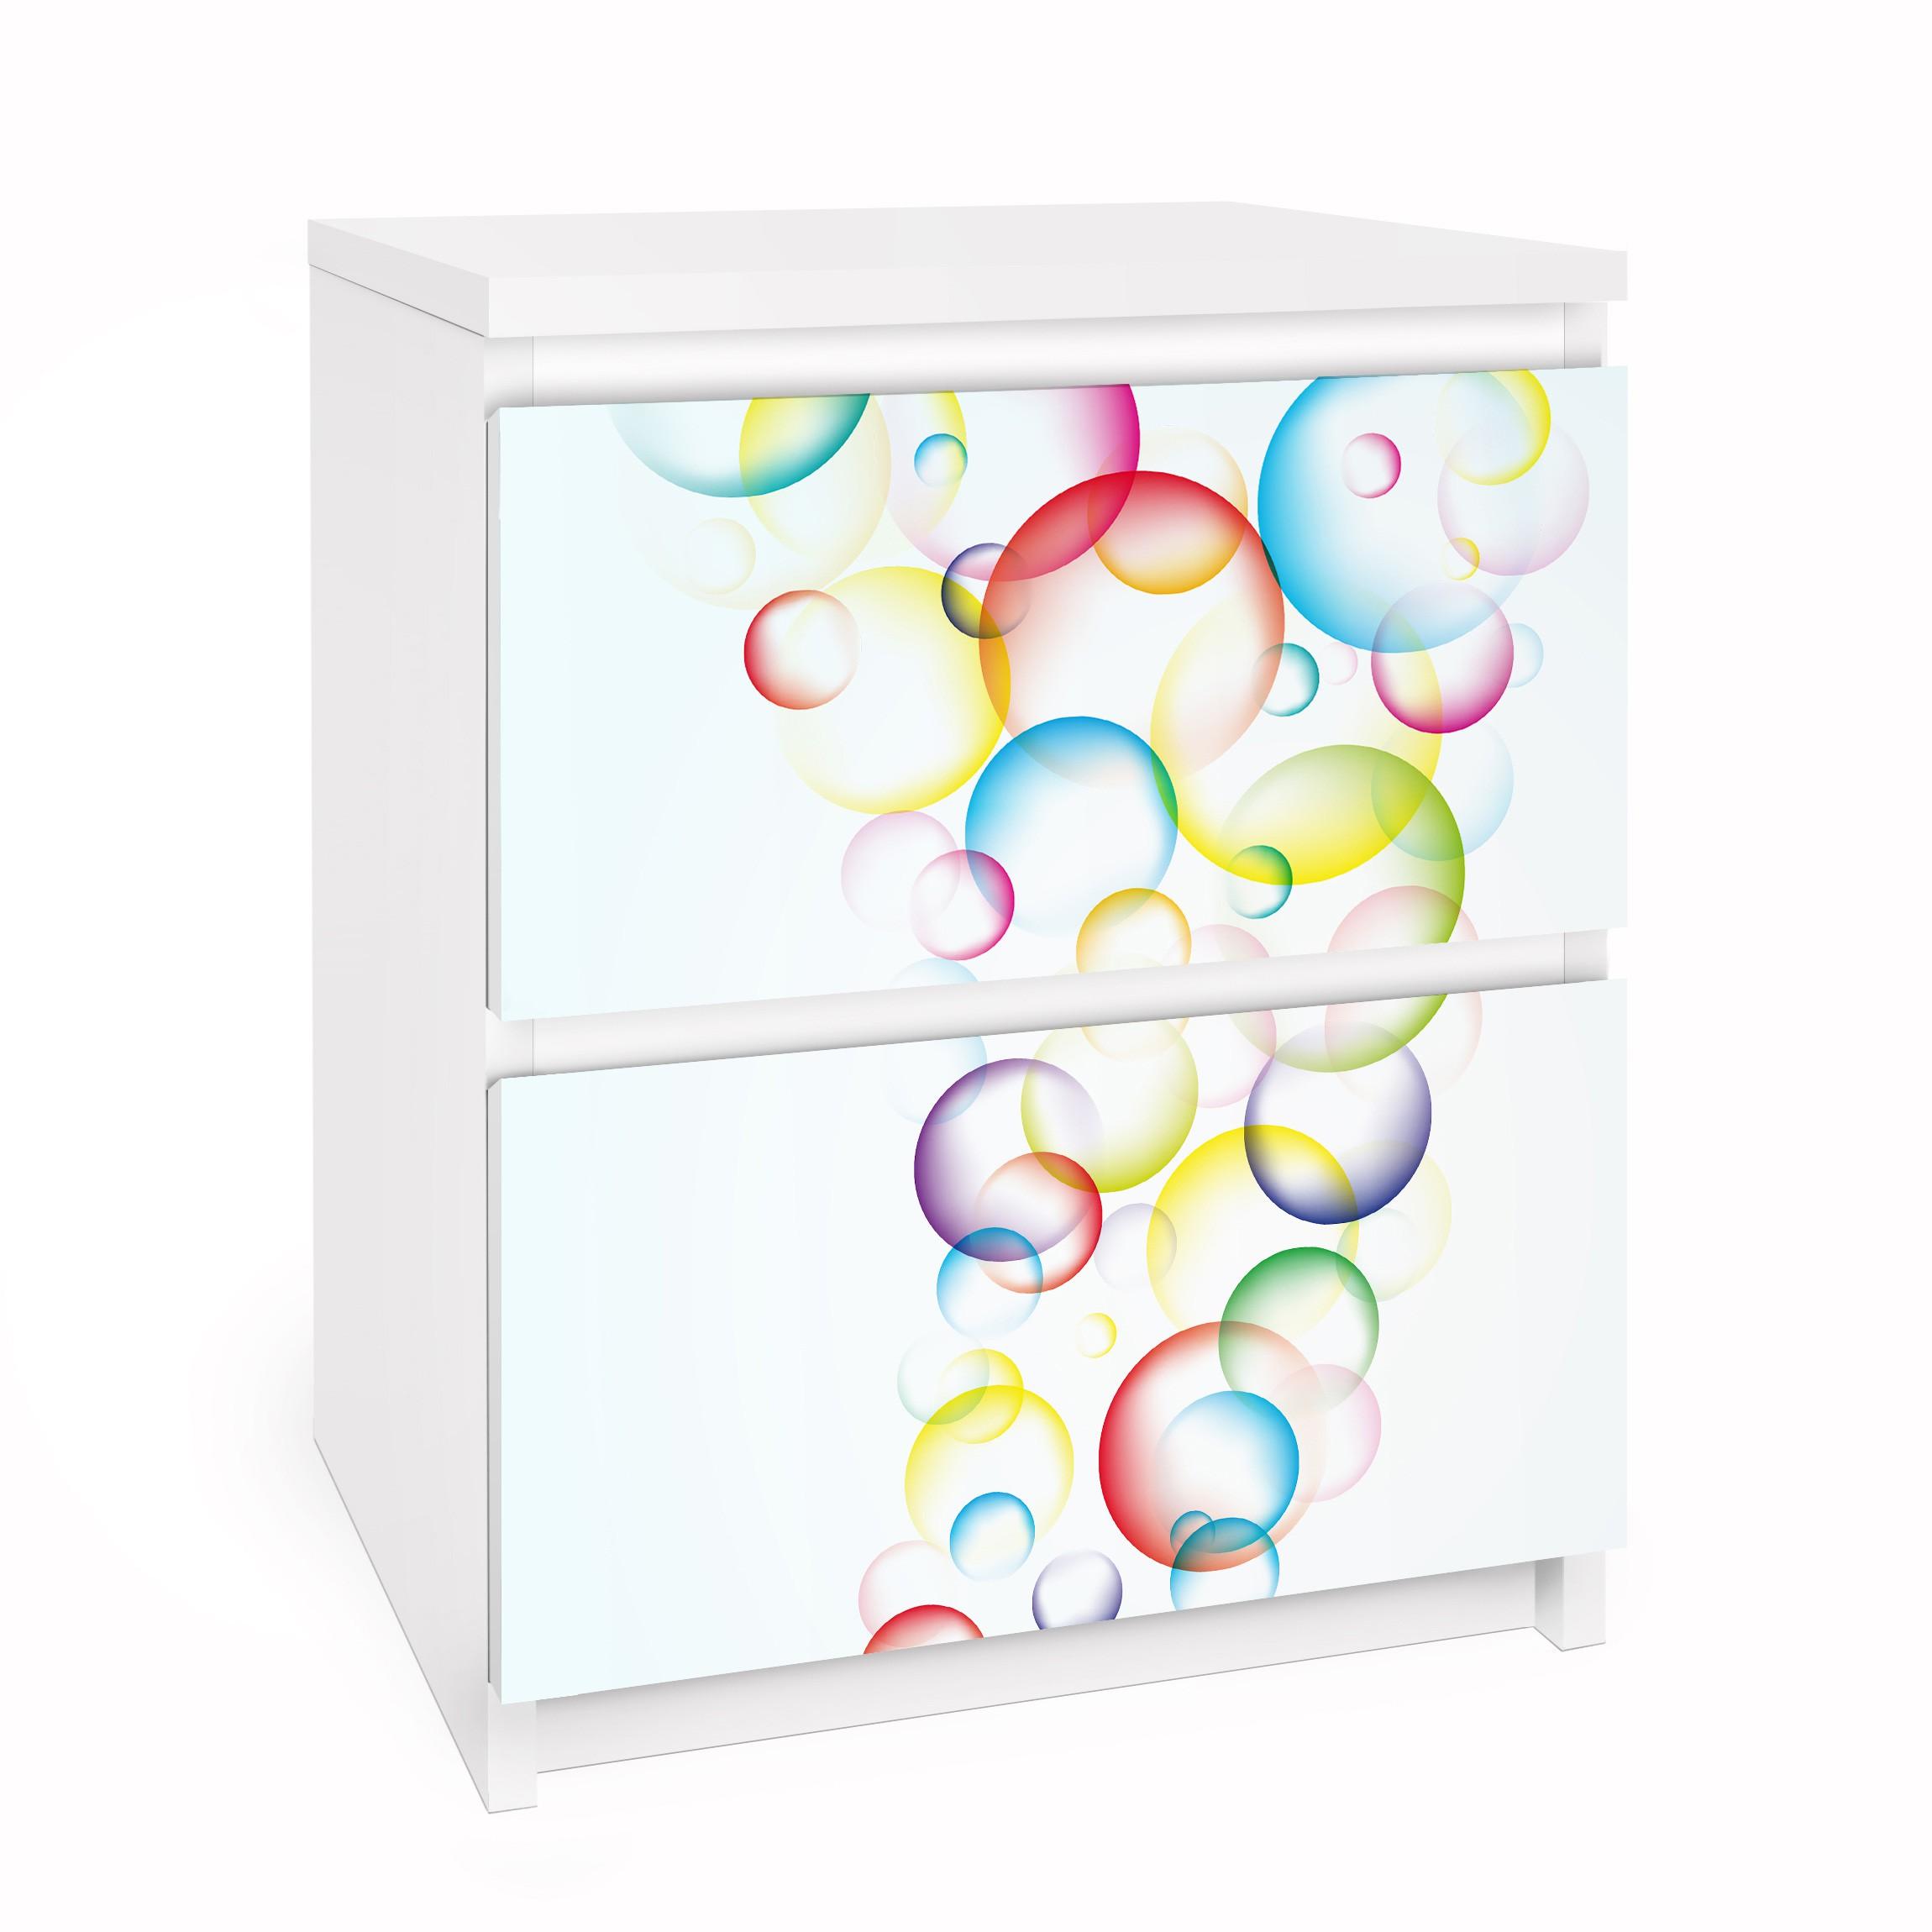 Carta adesiva per mobili ikea malm cassettiera 2xcassetti rainbow bubbles - Pellicola adesiva per mobili ikea ...